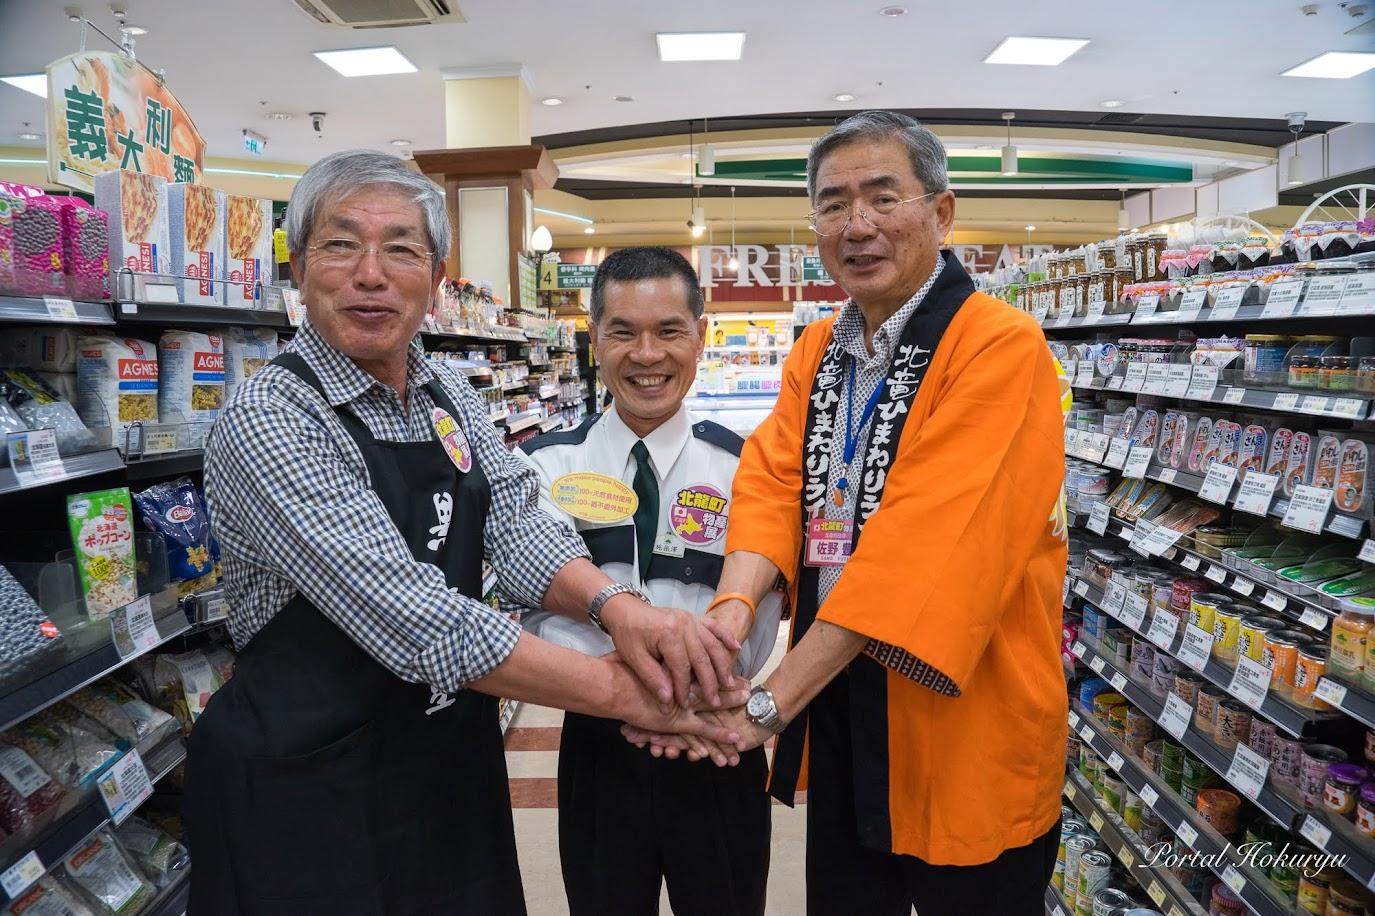 右から:佐野豊 町長、施振澤 店長、黒千石事業協同組合・高田幸男 理事長